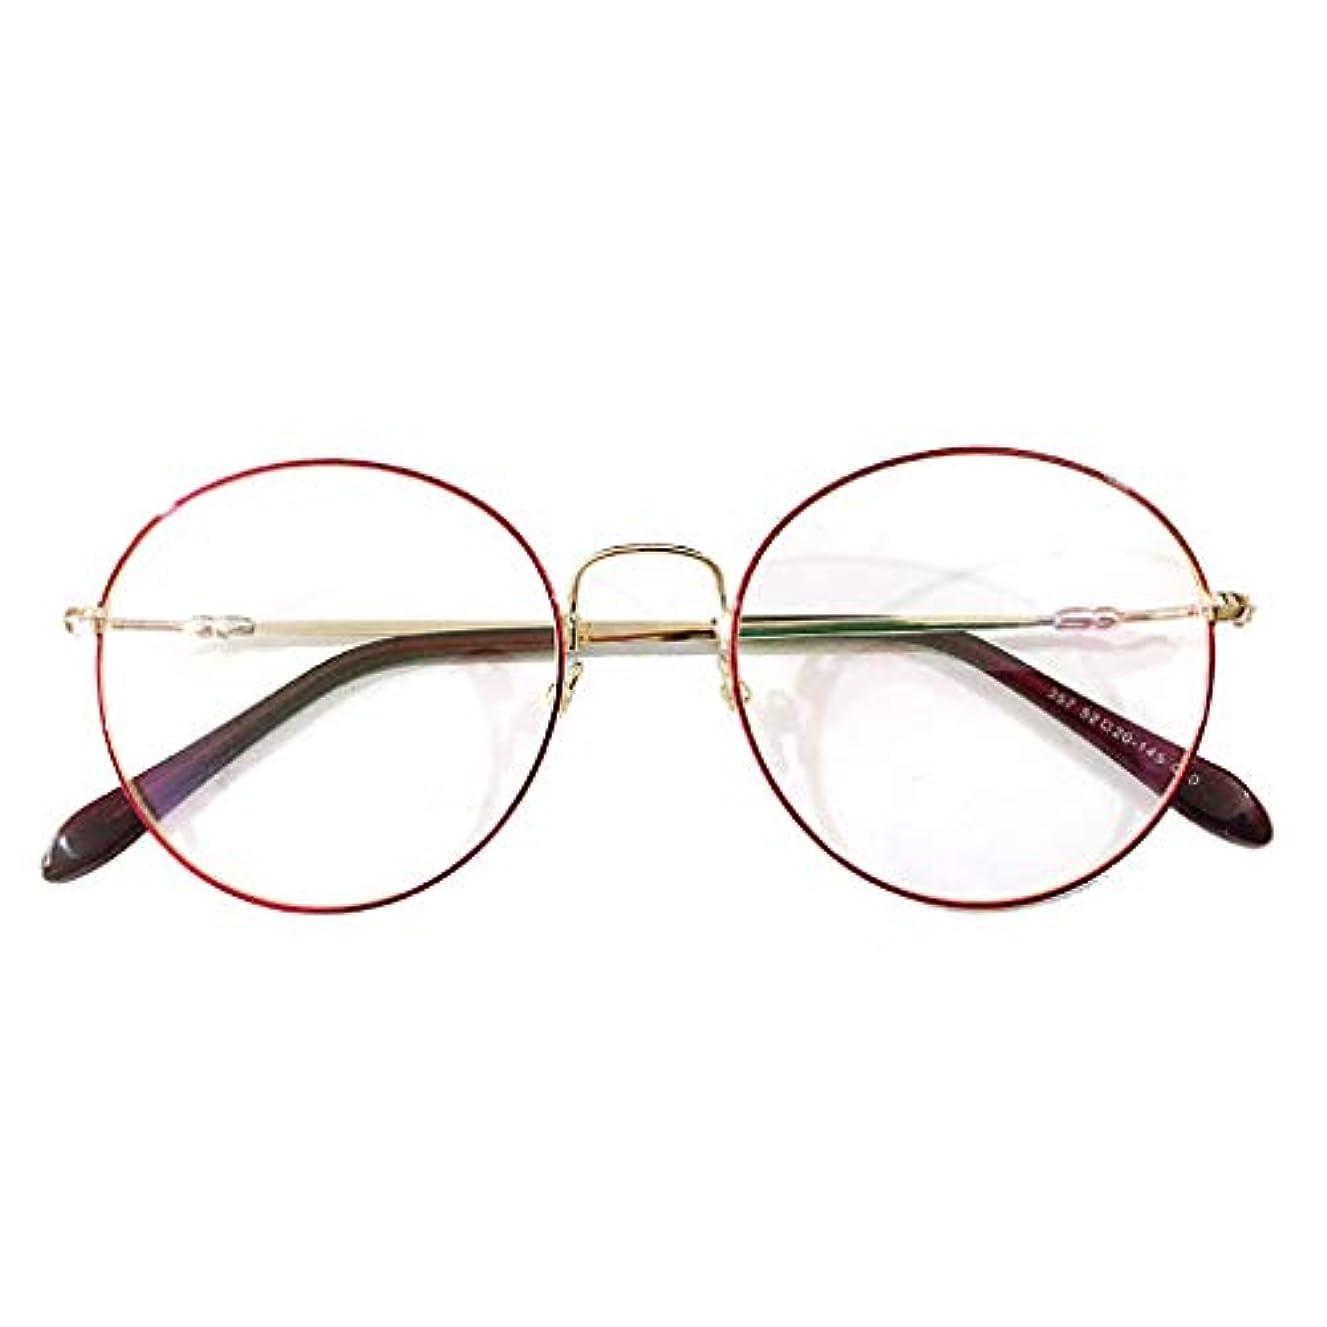 省データペダルアンチブルーレイメタル老眼鏡、ヴィンテージラウンドクラシックユニセックスメガネ、+ 1.0?+ 3.0(4色)